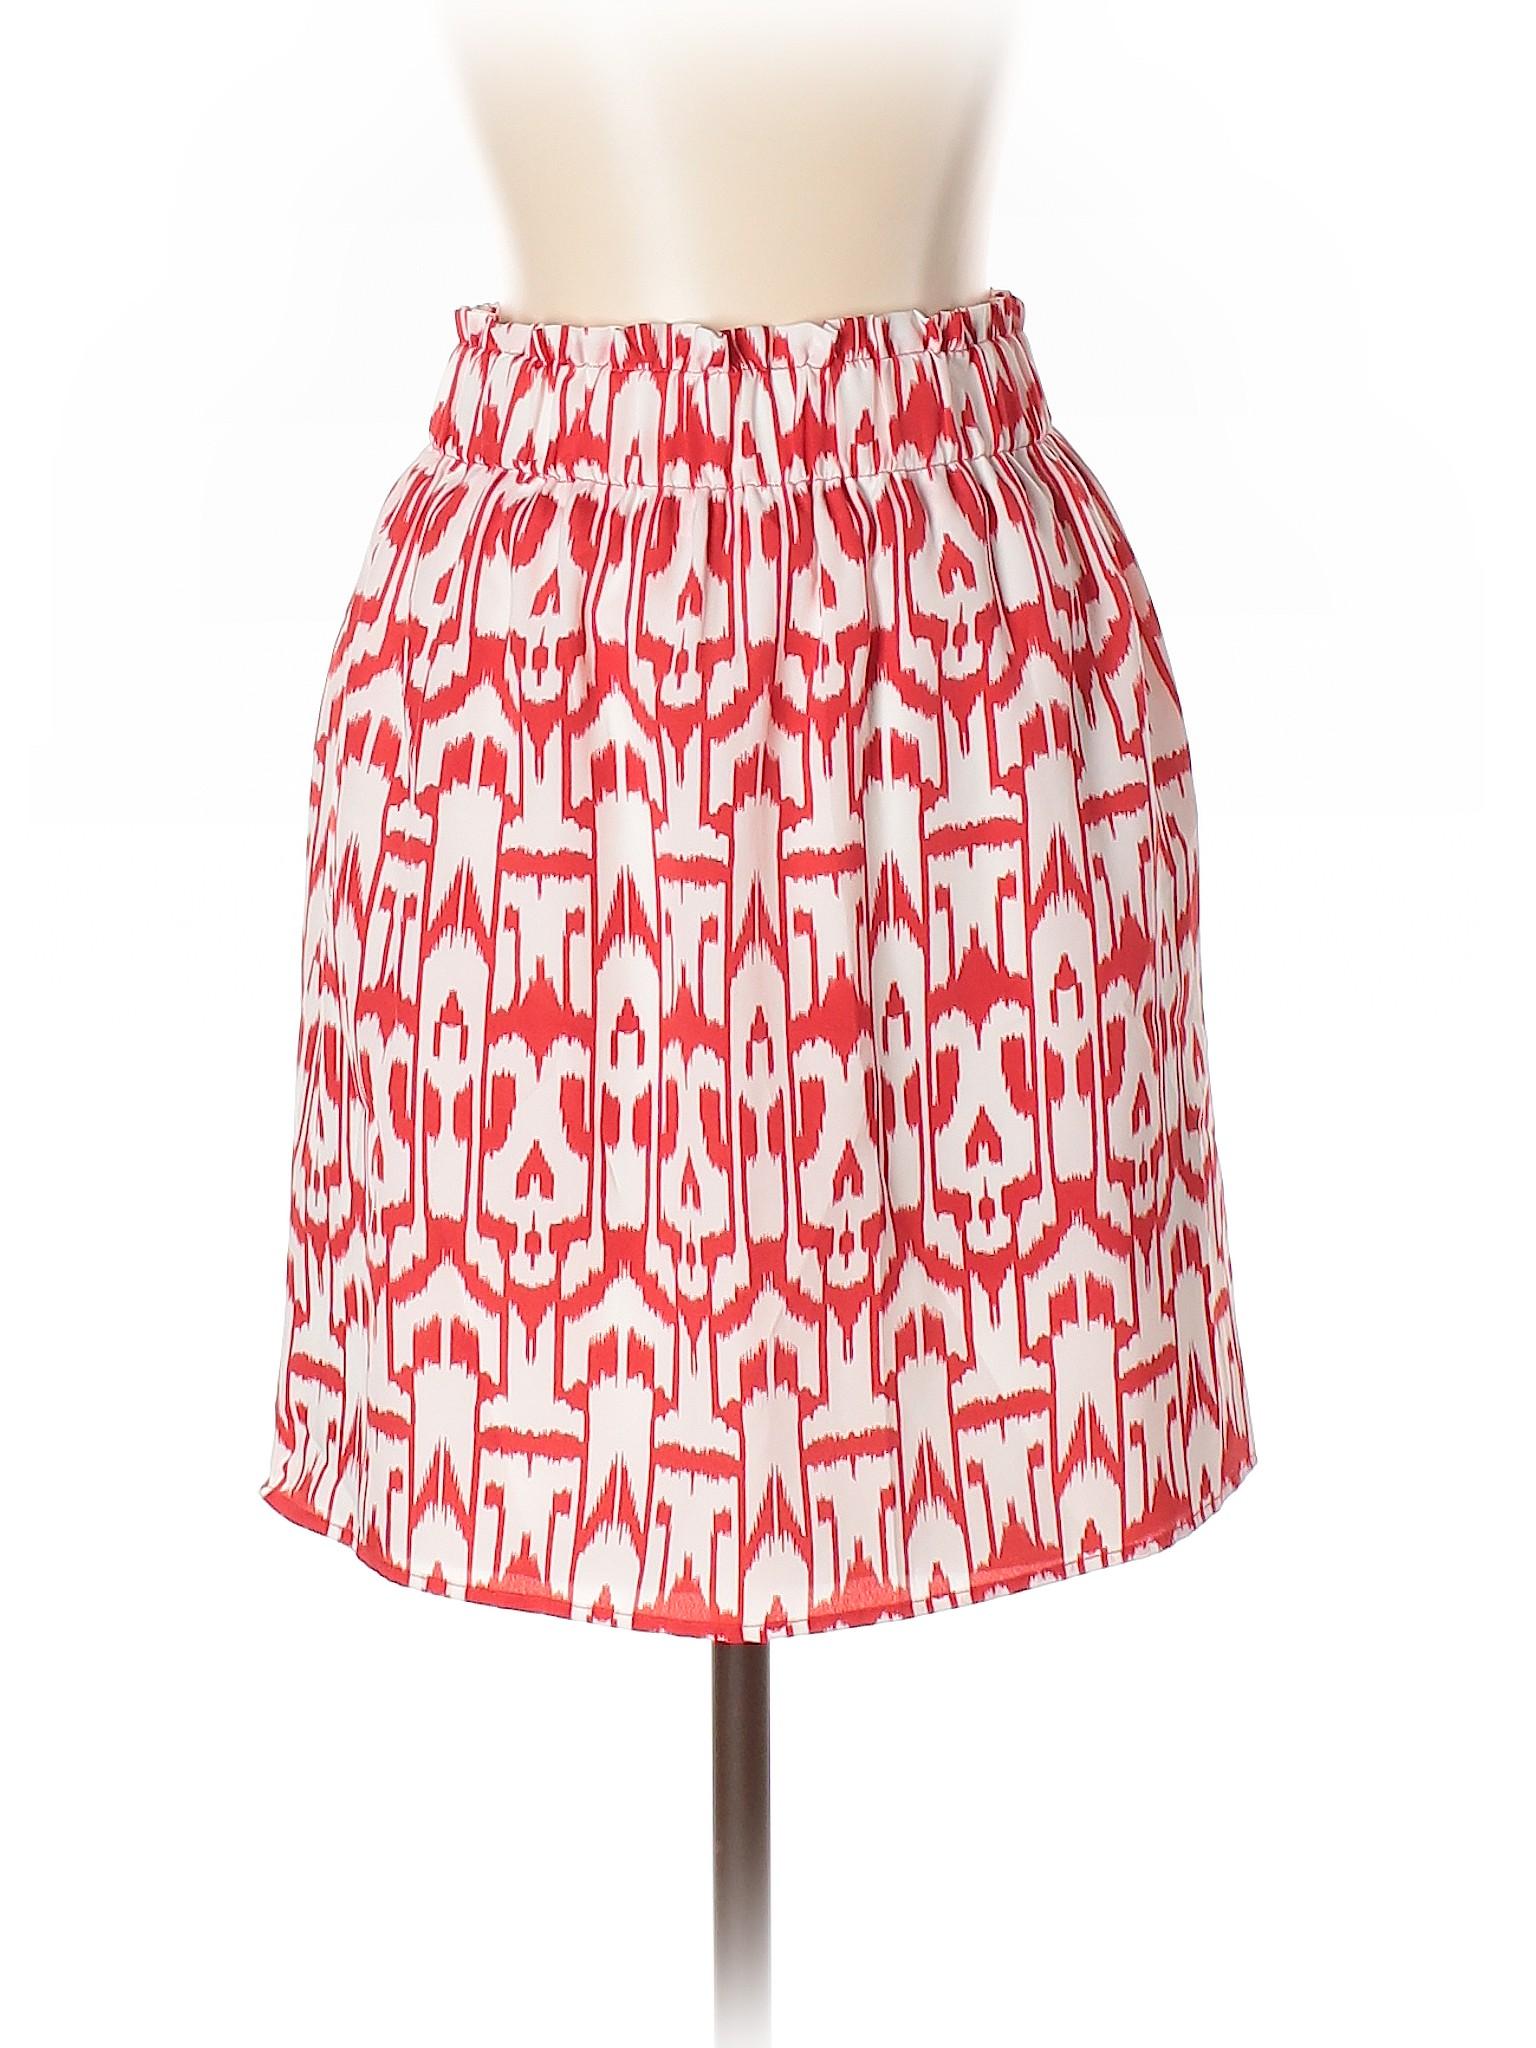 Skirt Casual Boutique Skirt Buttons Buttons Boutique Casual Buttons Boutique Casual Skirt xqpXfx